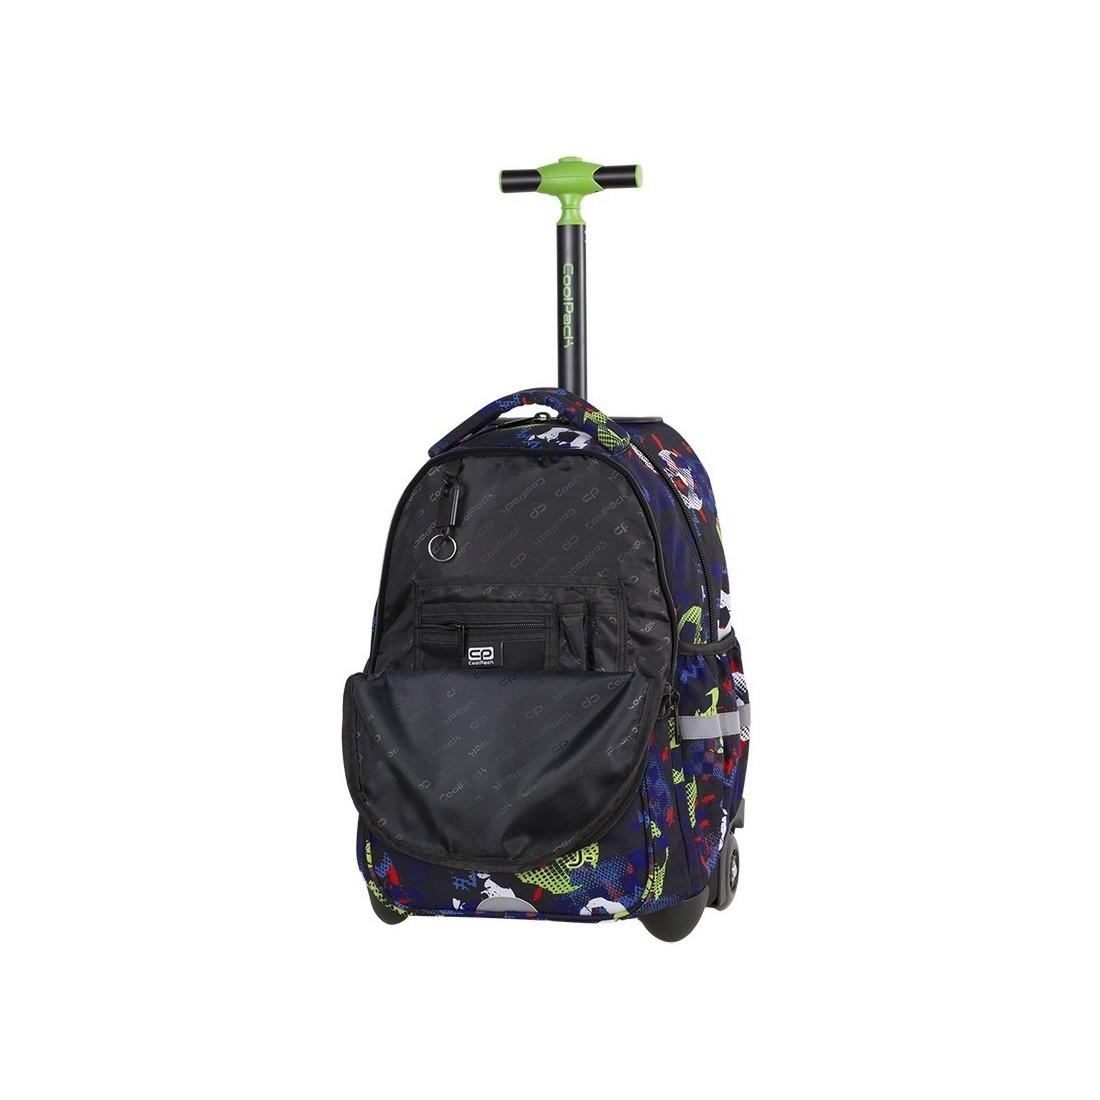 4eb6a54813765 Plecak na kółkach w piłki do szkoły 3 przegrody Coolpack CP Junior ...